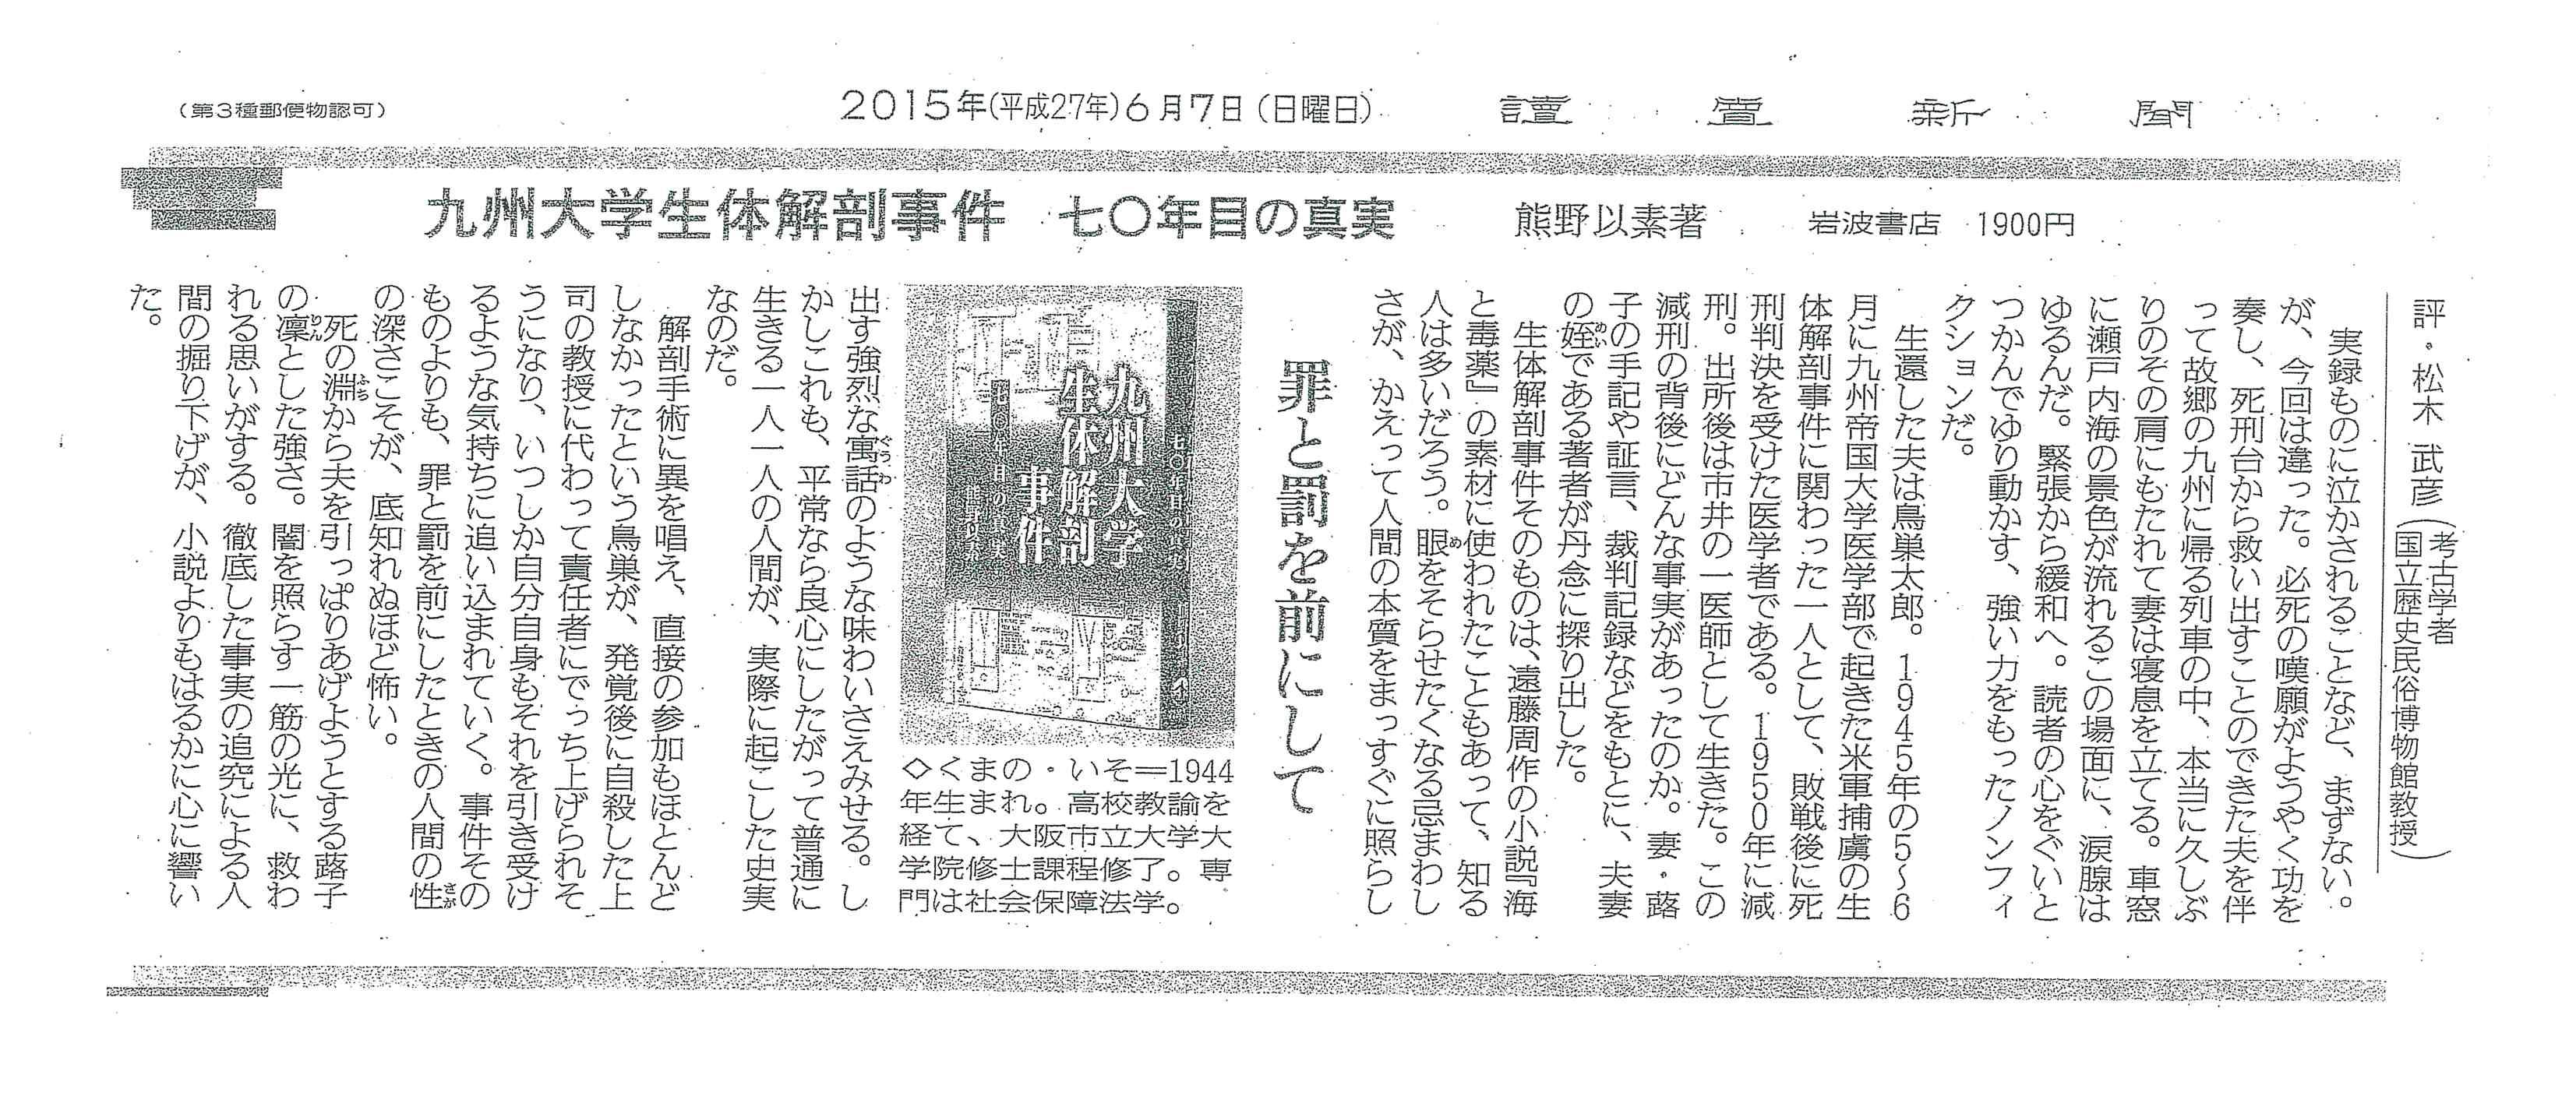 18期熊野以素さんの著書書評読売